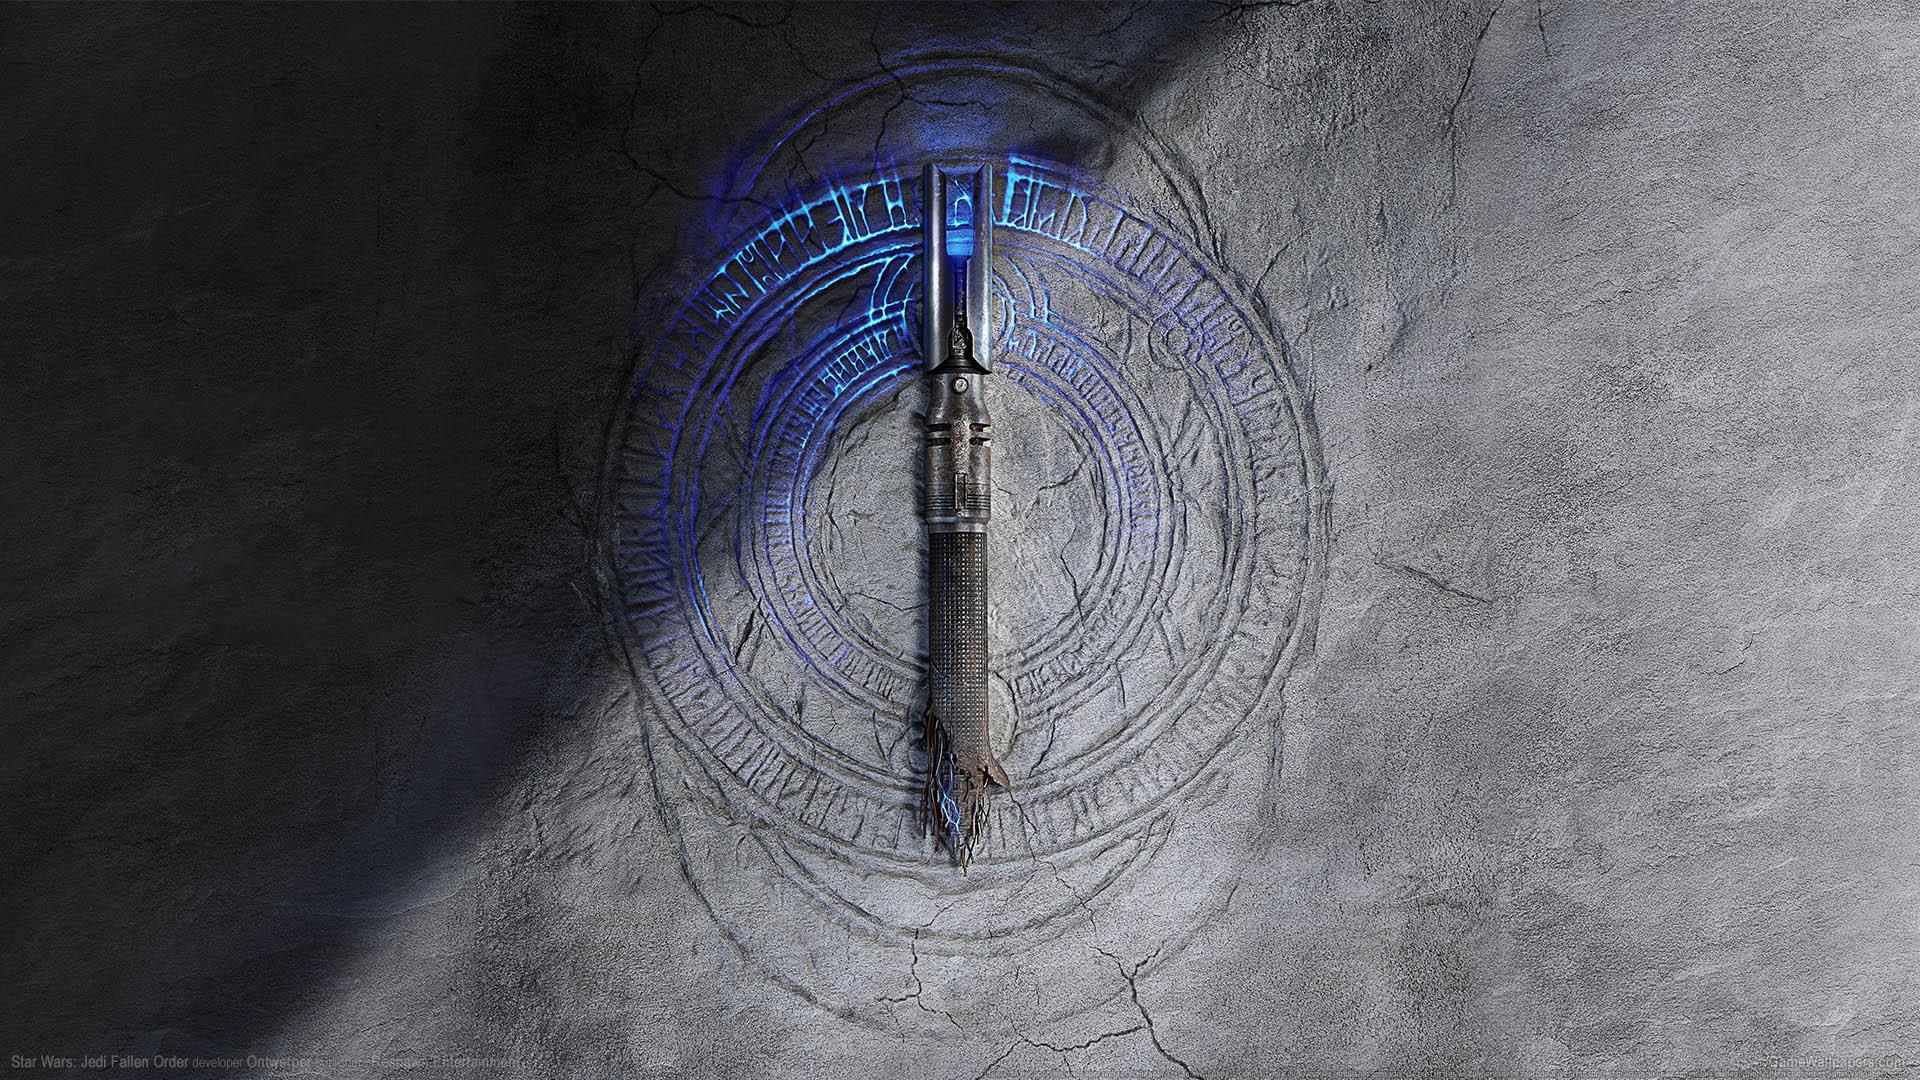 Star Wars Jedi: Fallen Order achtergrond 01 1920x1080